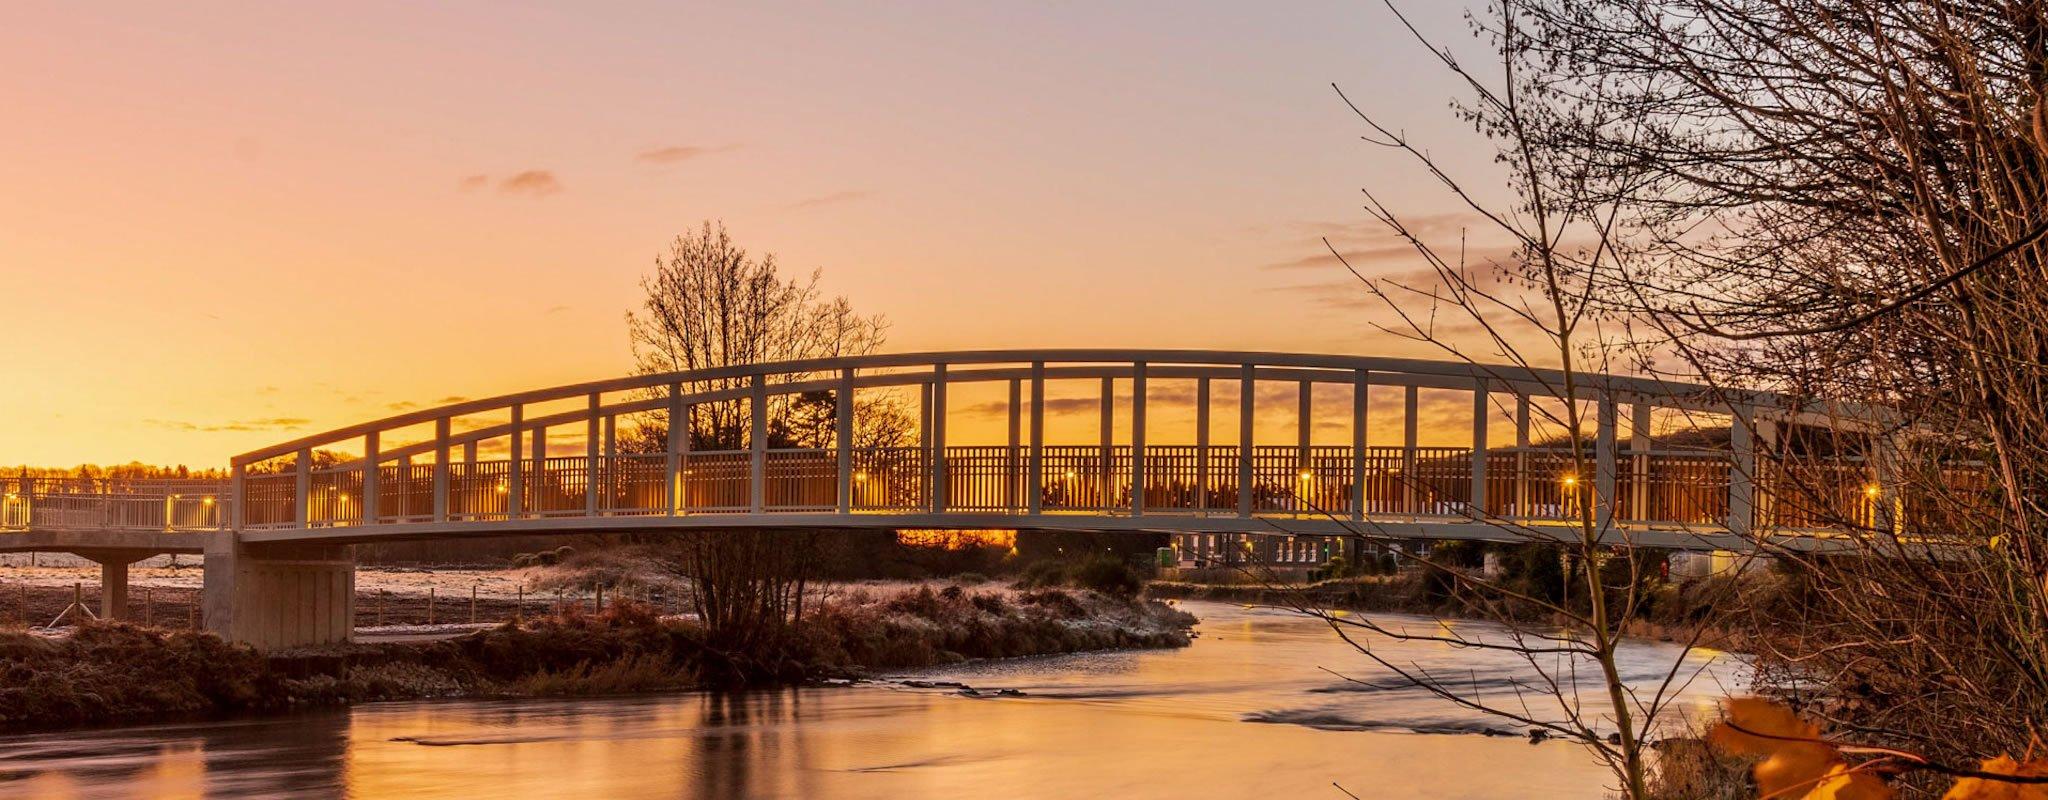 New Sparling Bridge - Newton Stewart - Photo by Mark McKie